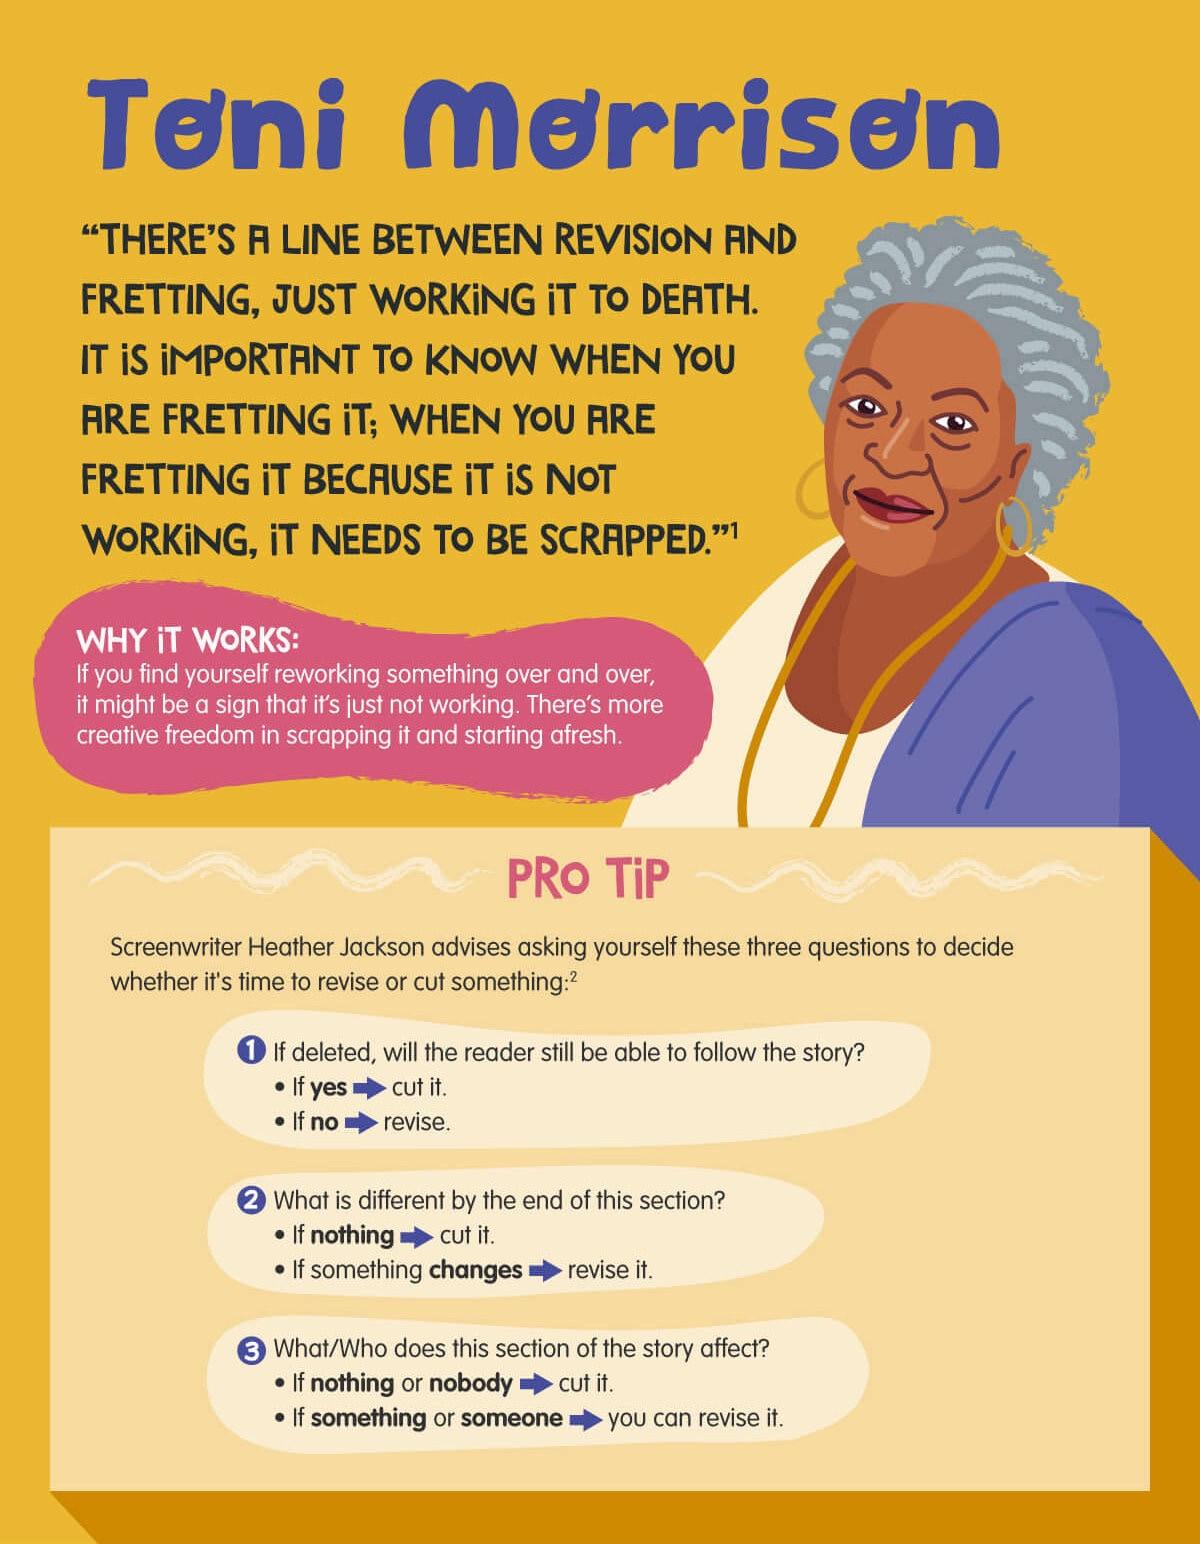 Toni Morrison writing tips